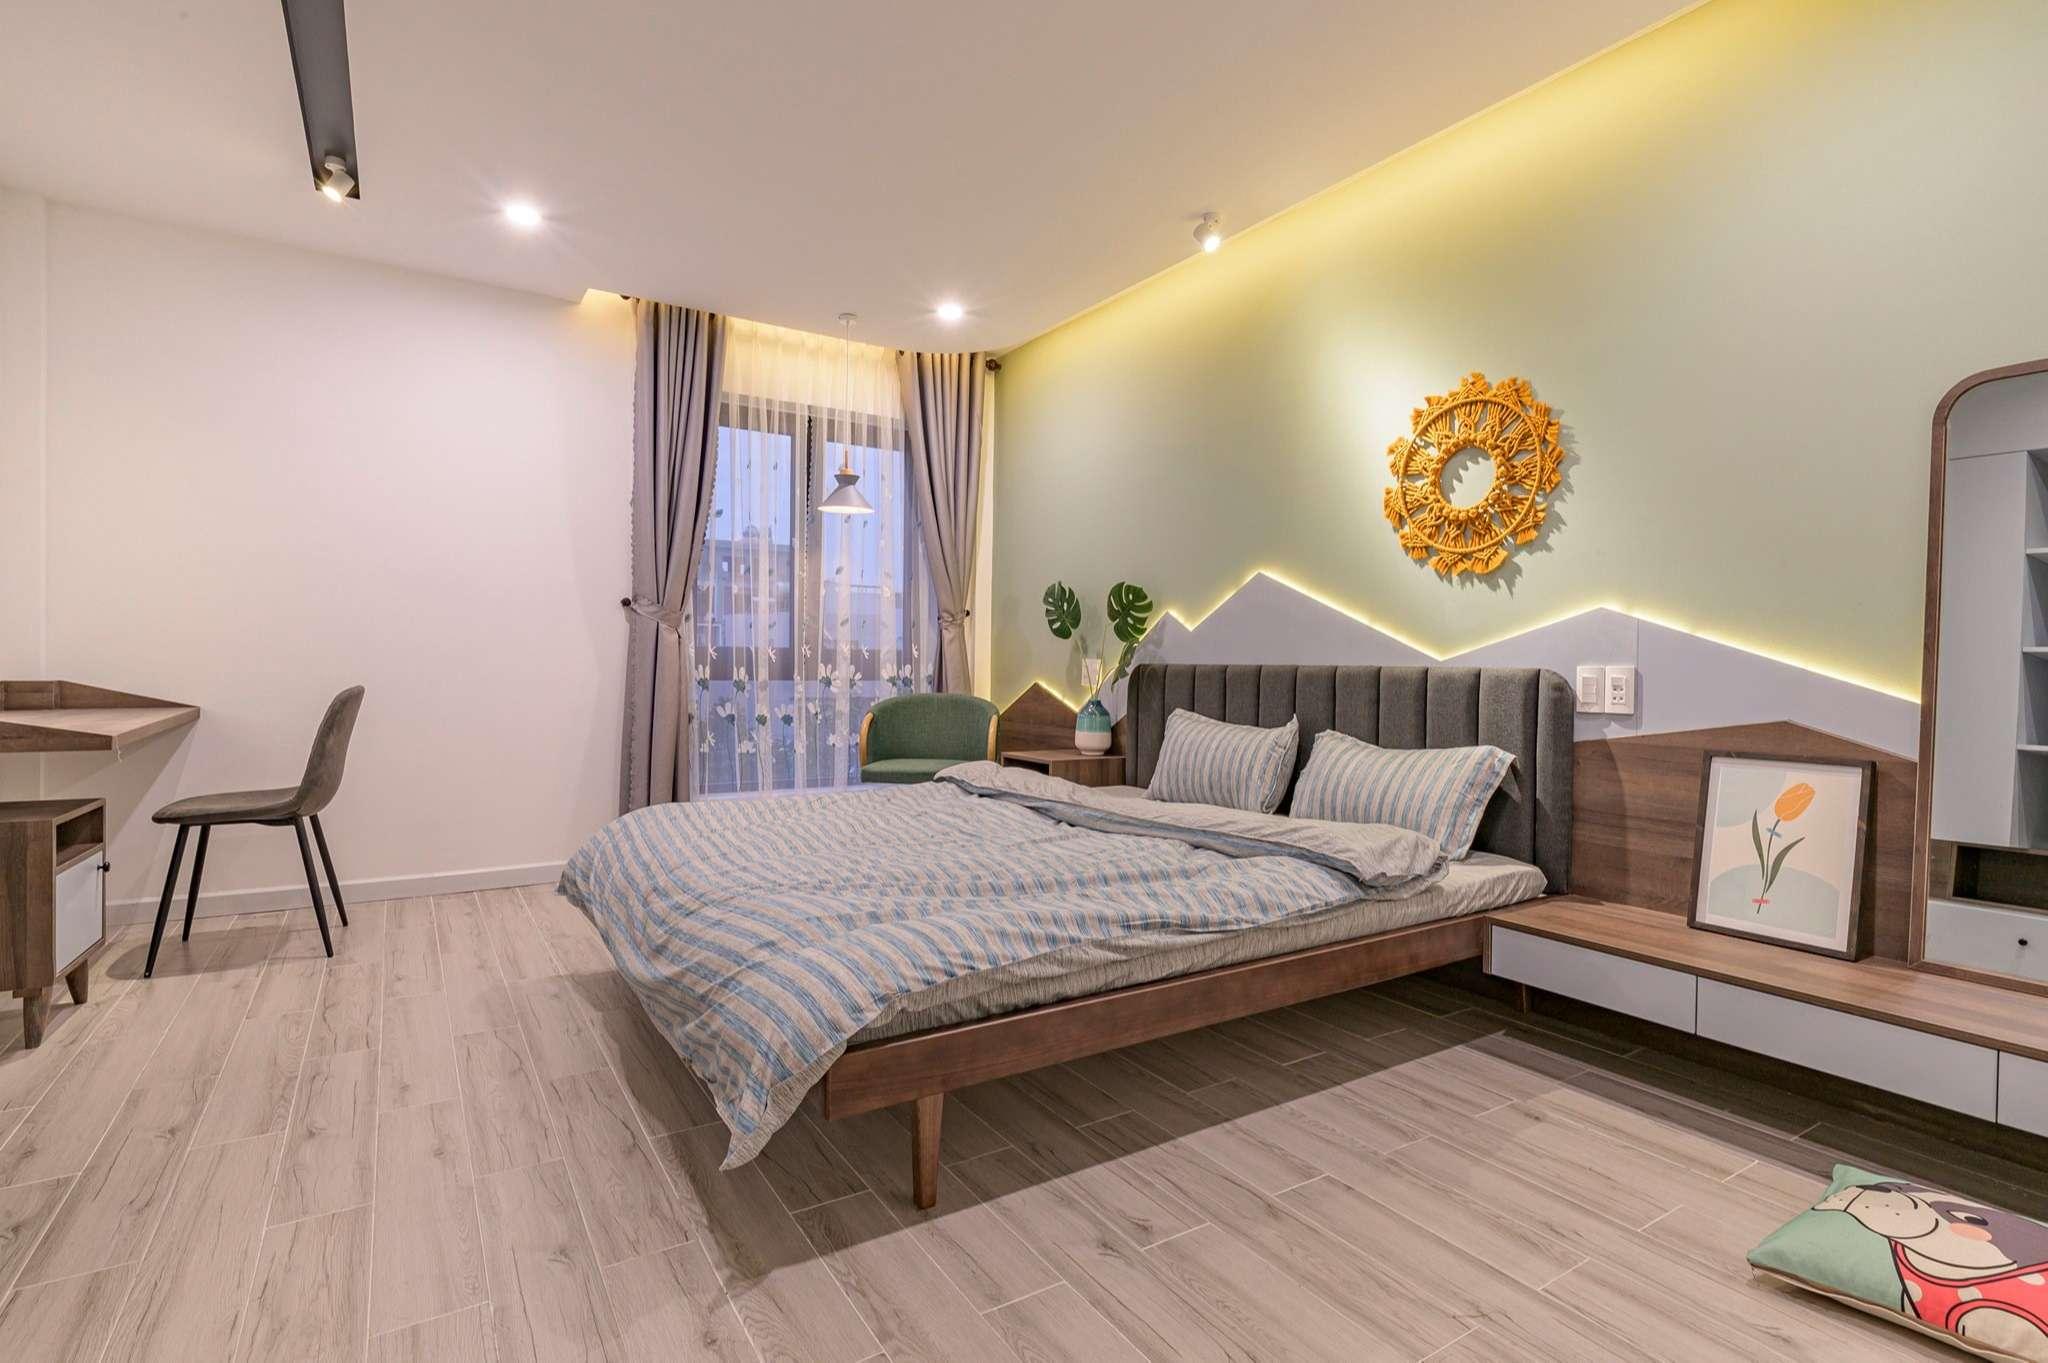 Phòng ngủ nào cũng đều thoáng, sáng